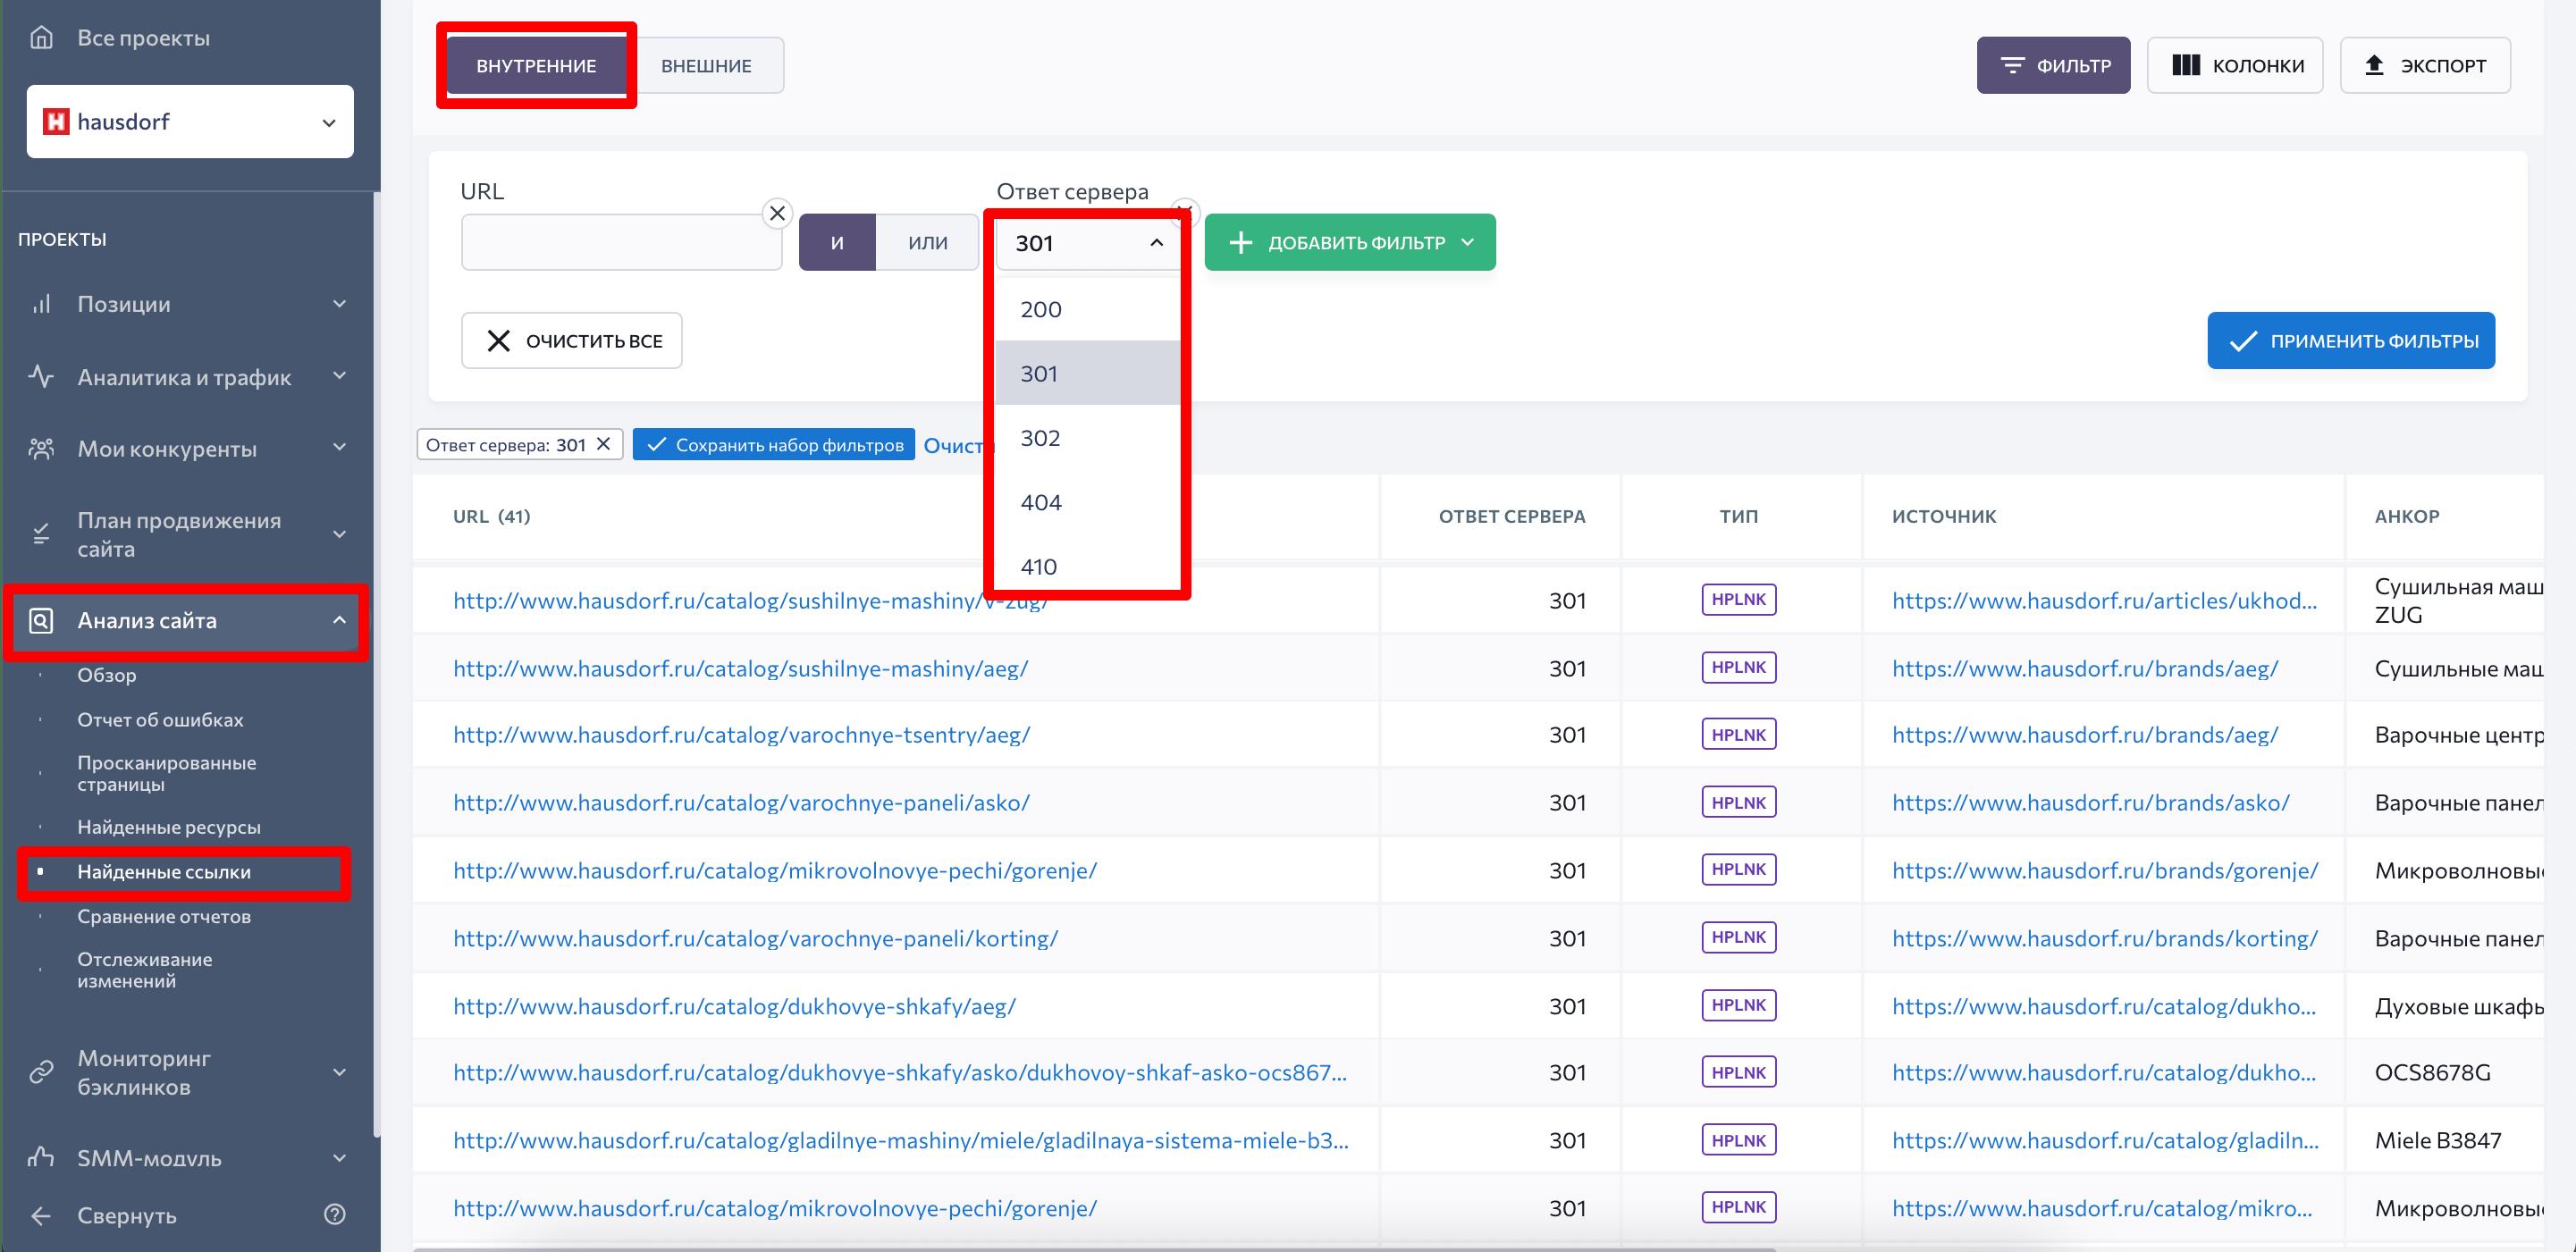 Коды ответа внутренних ссылок в аудите SE Ranking